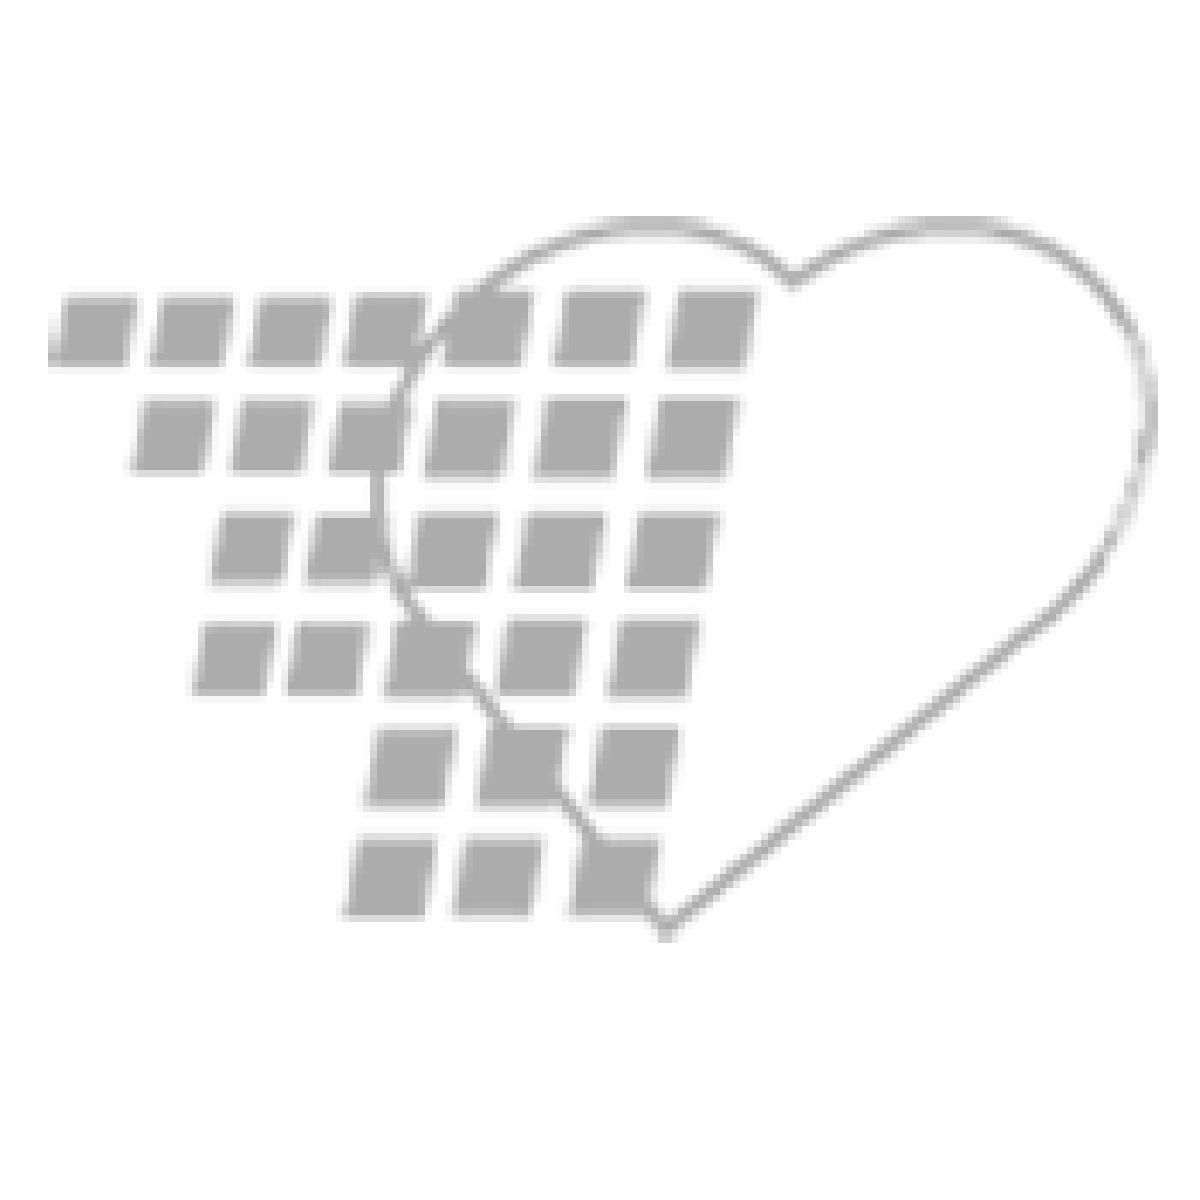 06-93-0052 - Demo Dose® Vitamn B-1 100 Mg - 100 Pills/Box